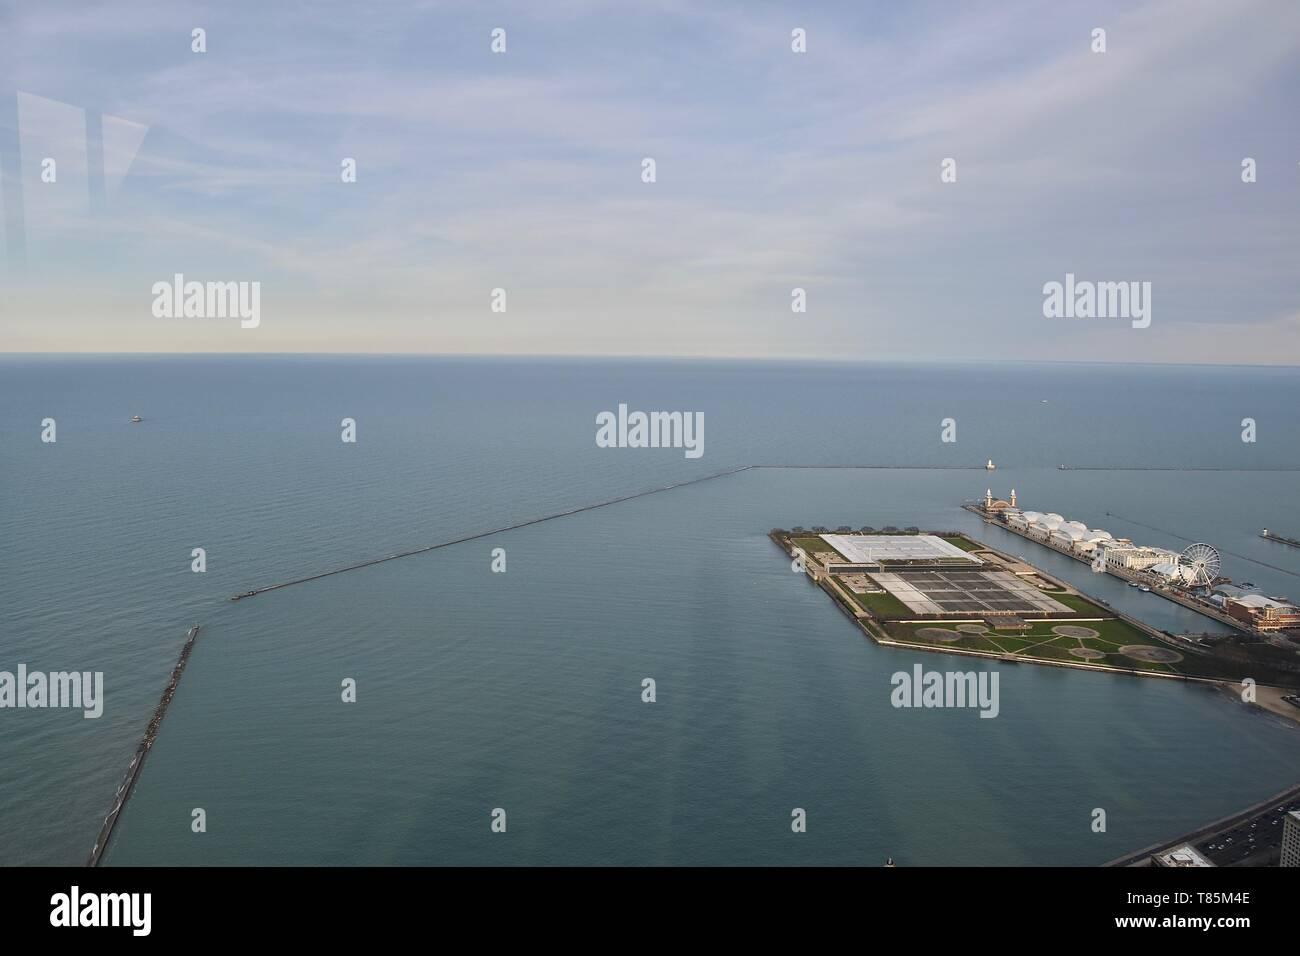 Die kultige Navy Pier Chicago in Chicago am Lake Michigan entlang der Küste, in der Nähe von North Side, Chicago, Illinois, USA Stockfoto